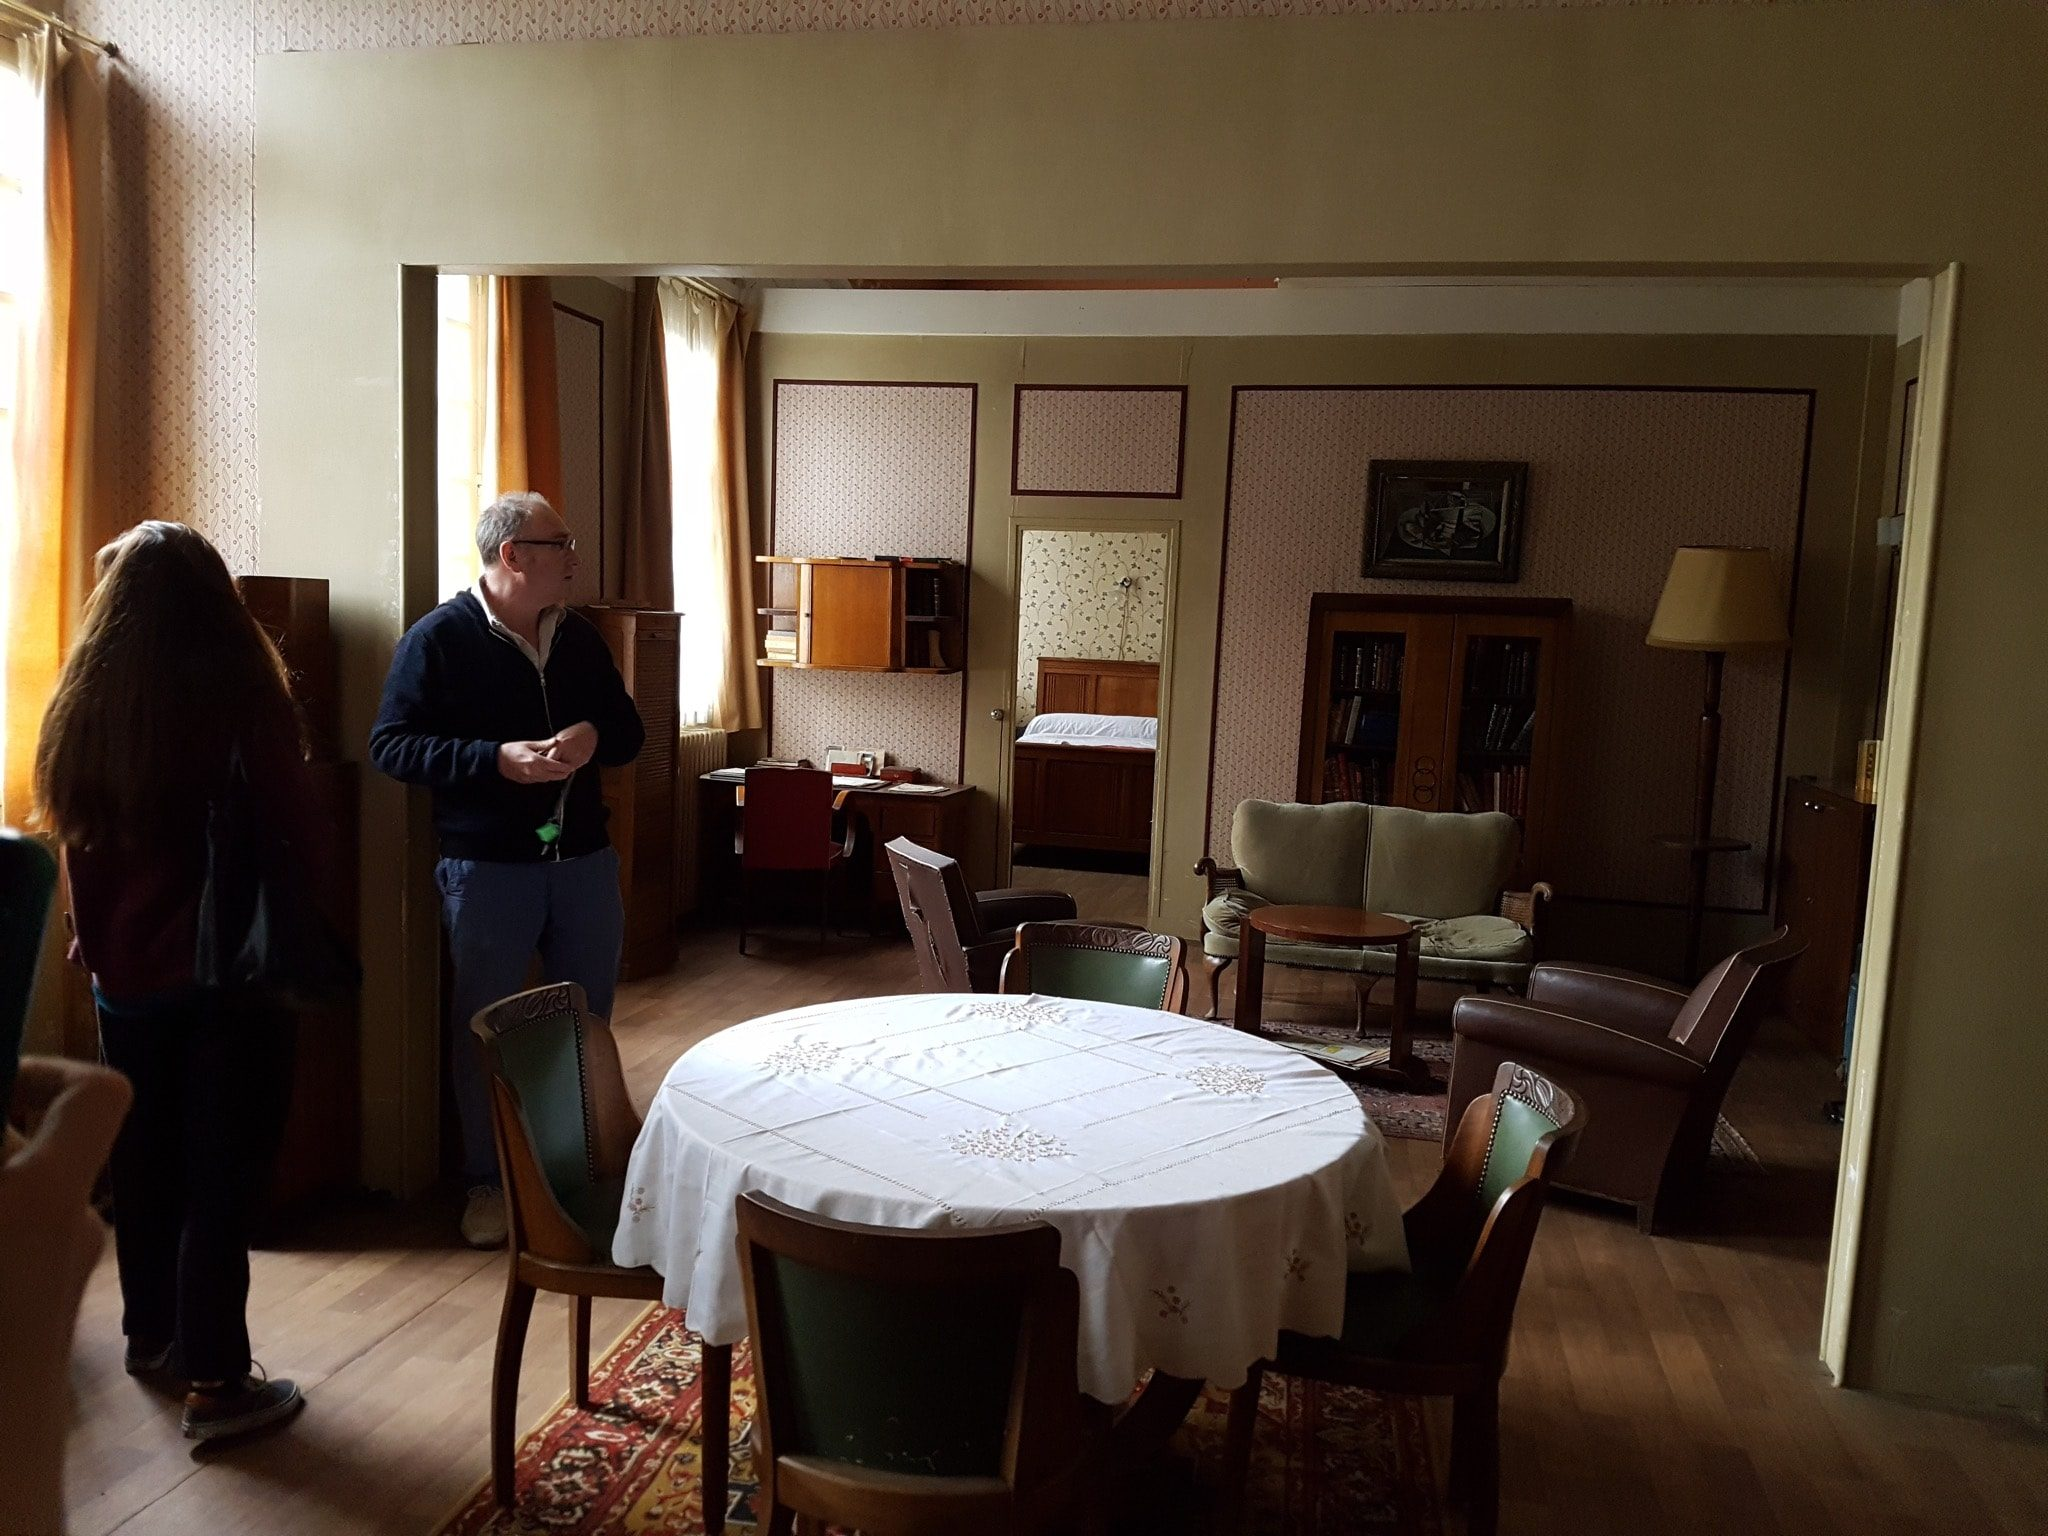 un-village-français-image-appartement-beriot-1